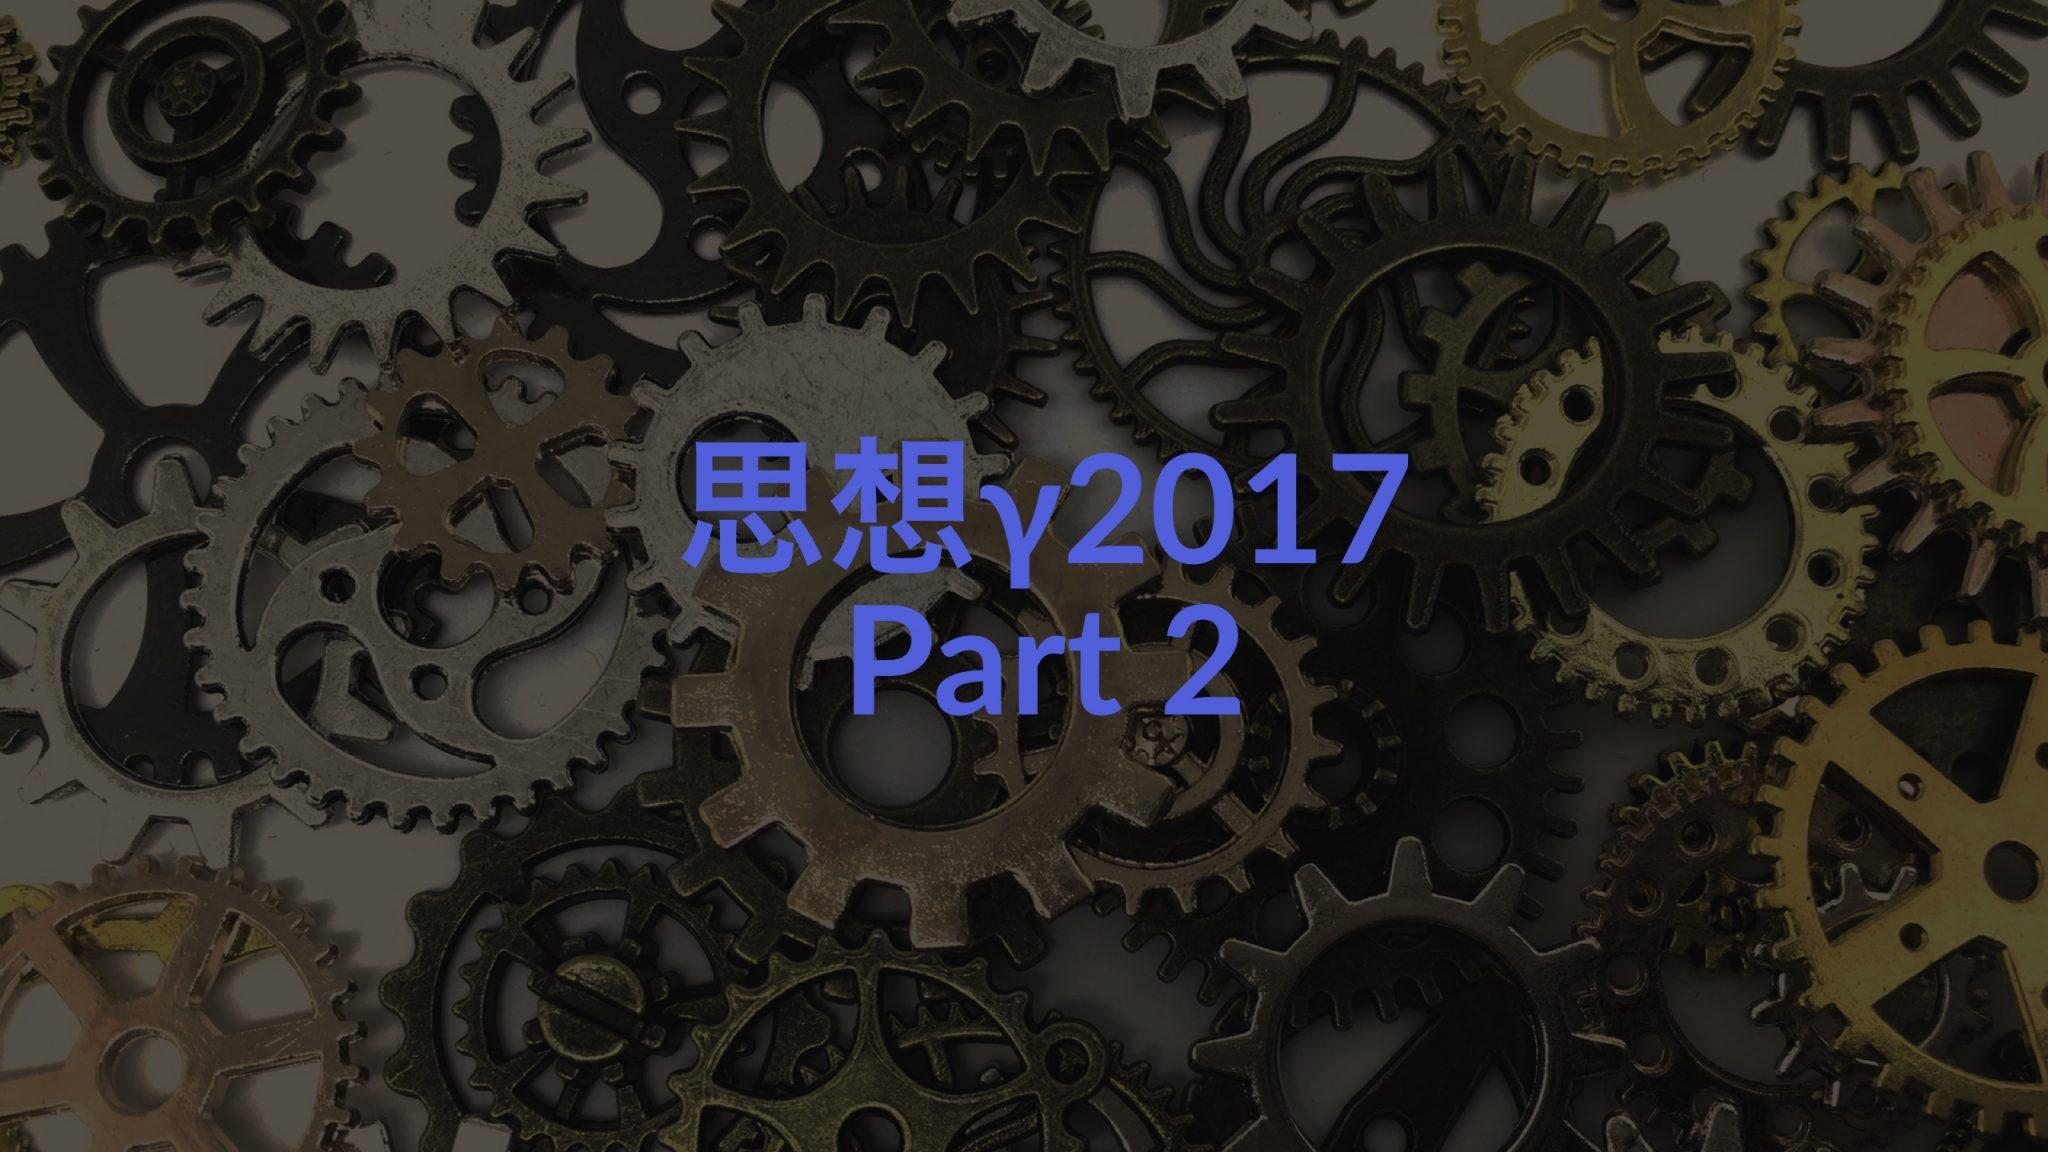 【Part2】思想γ2017―自分らしく生きる原理的考察と他者論